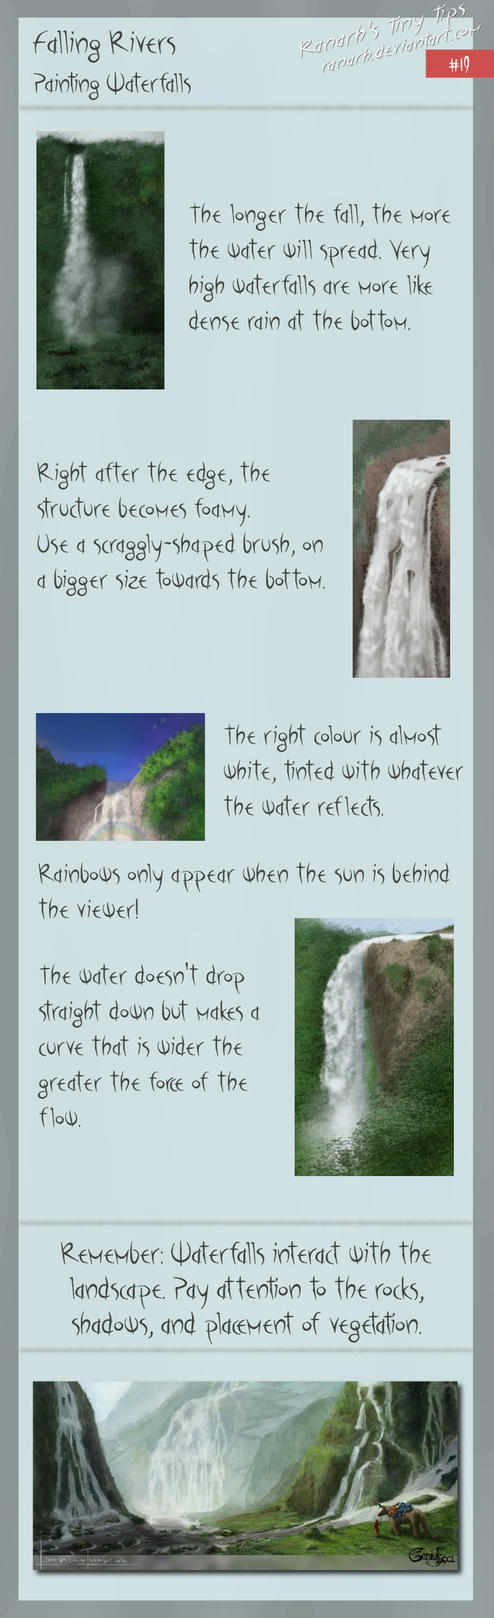 Tiny tips: Falling rivers by Ranarh